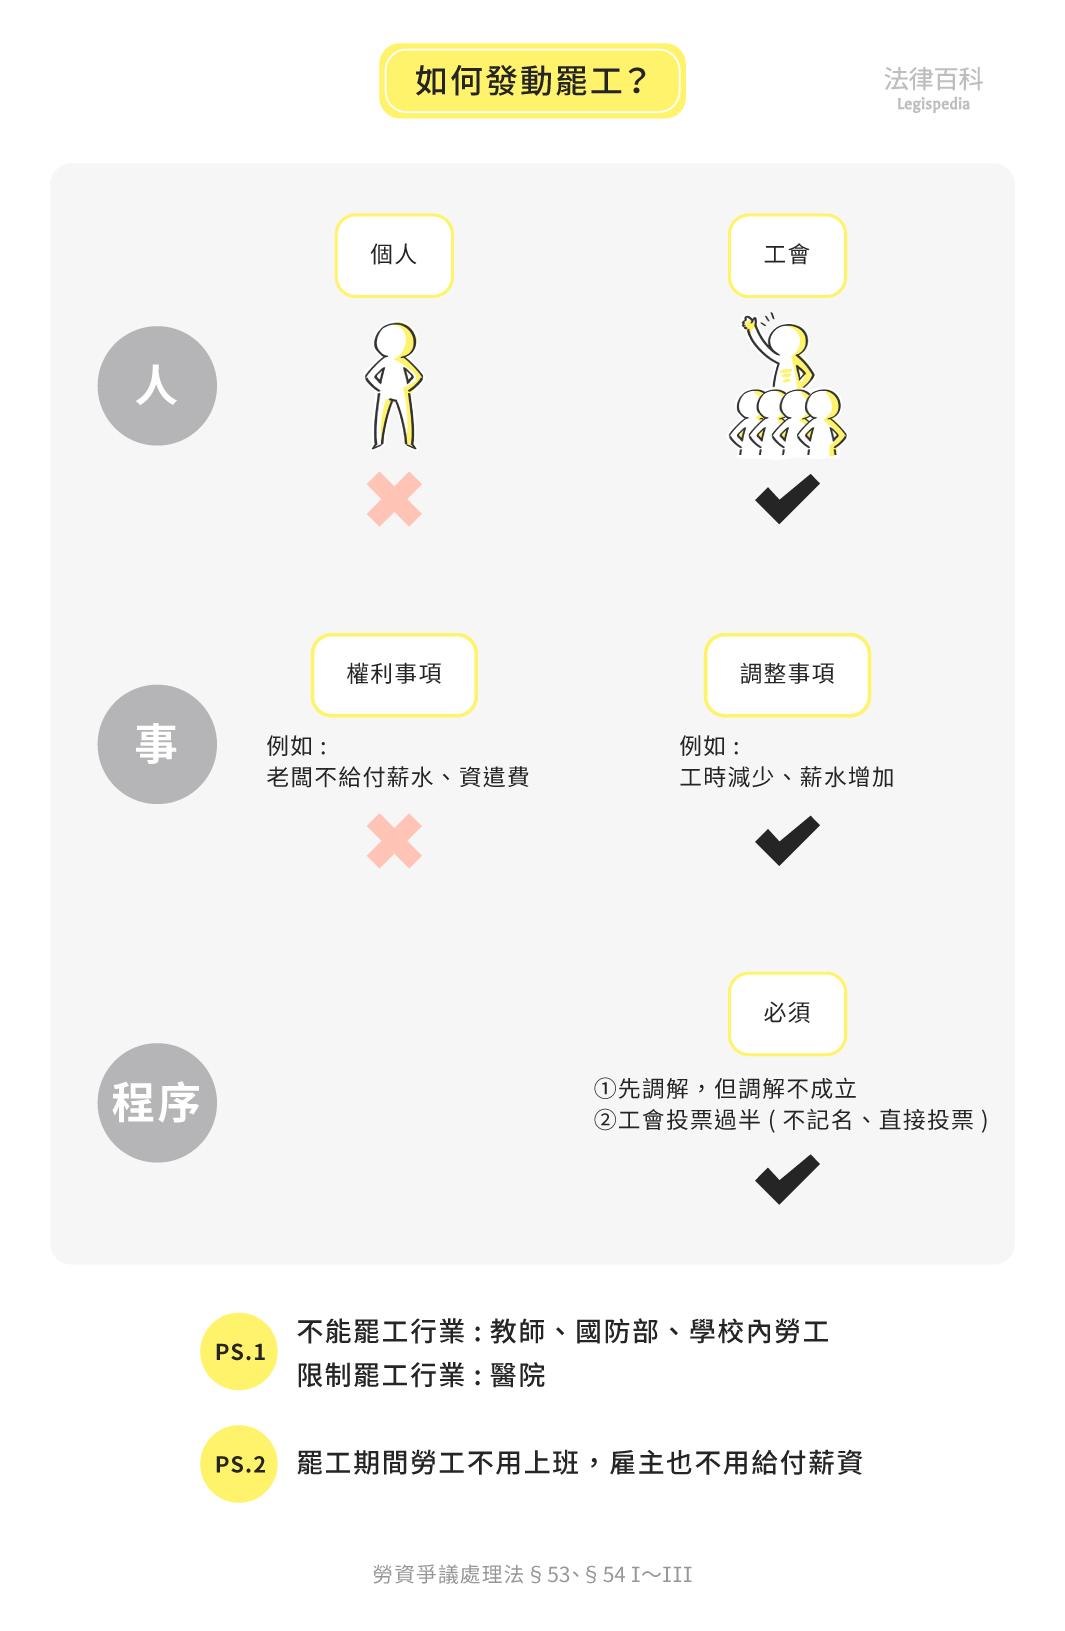 圖1 如何發動罷工?||資料來源:黃胤欣 / 繪圖:Yen